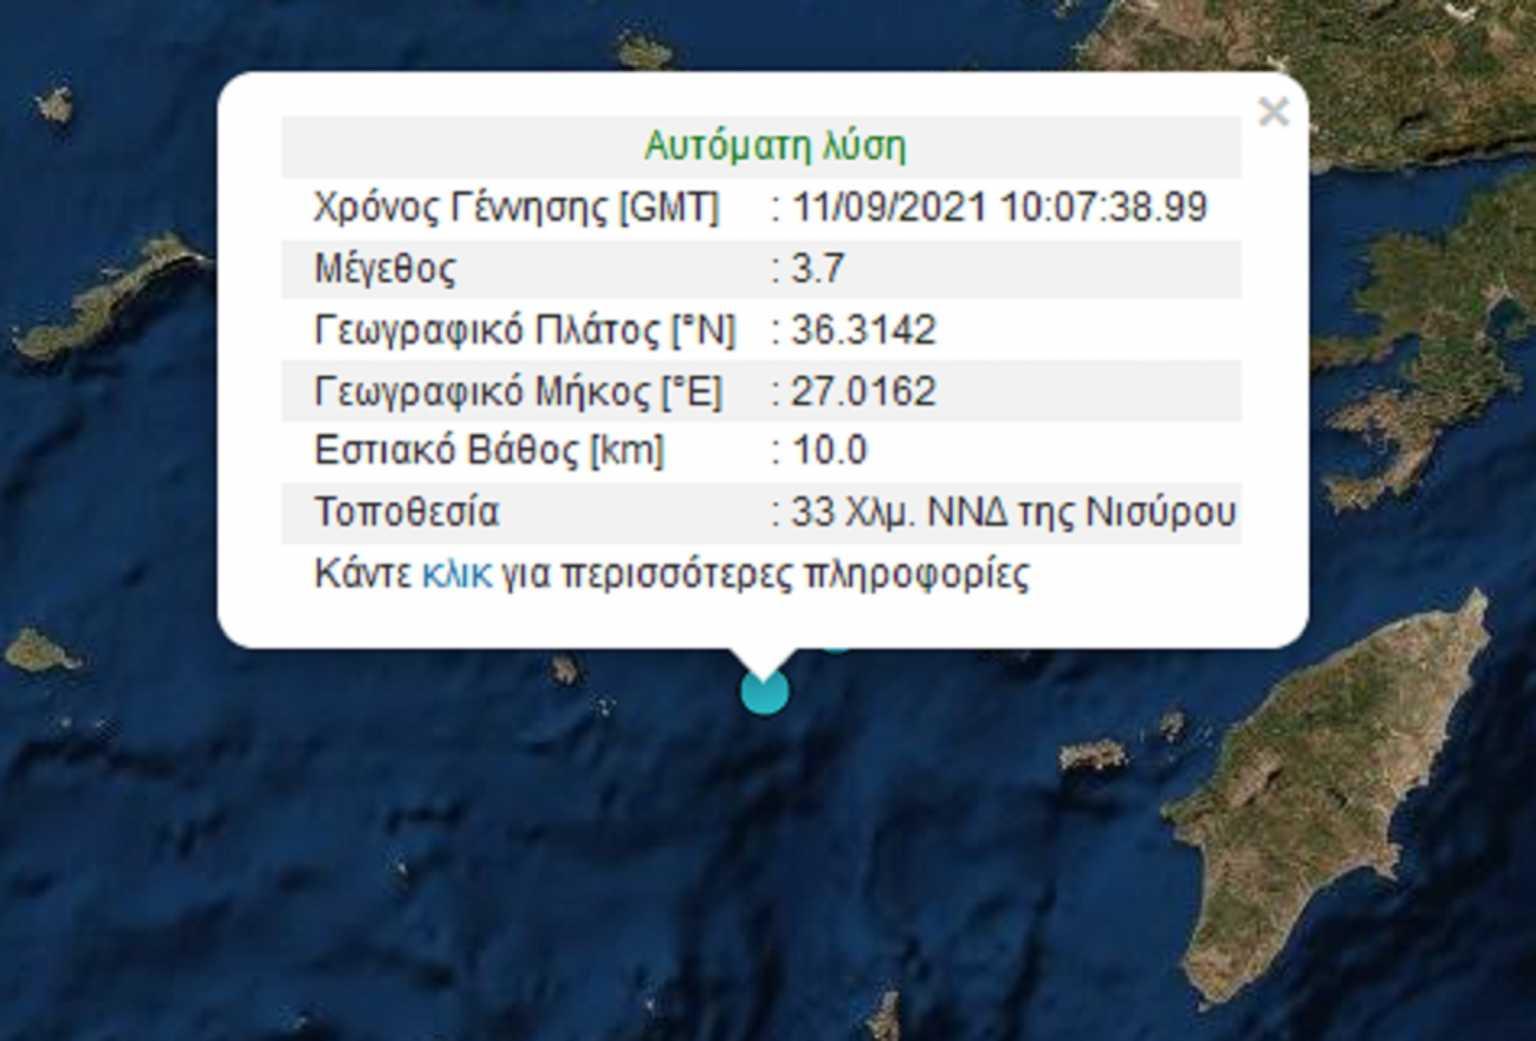 Σεισμός 3,7 Ρίχτερ κοντά στη Νίσυρο